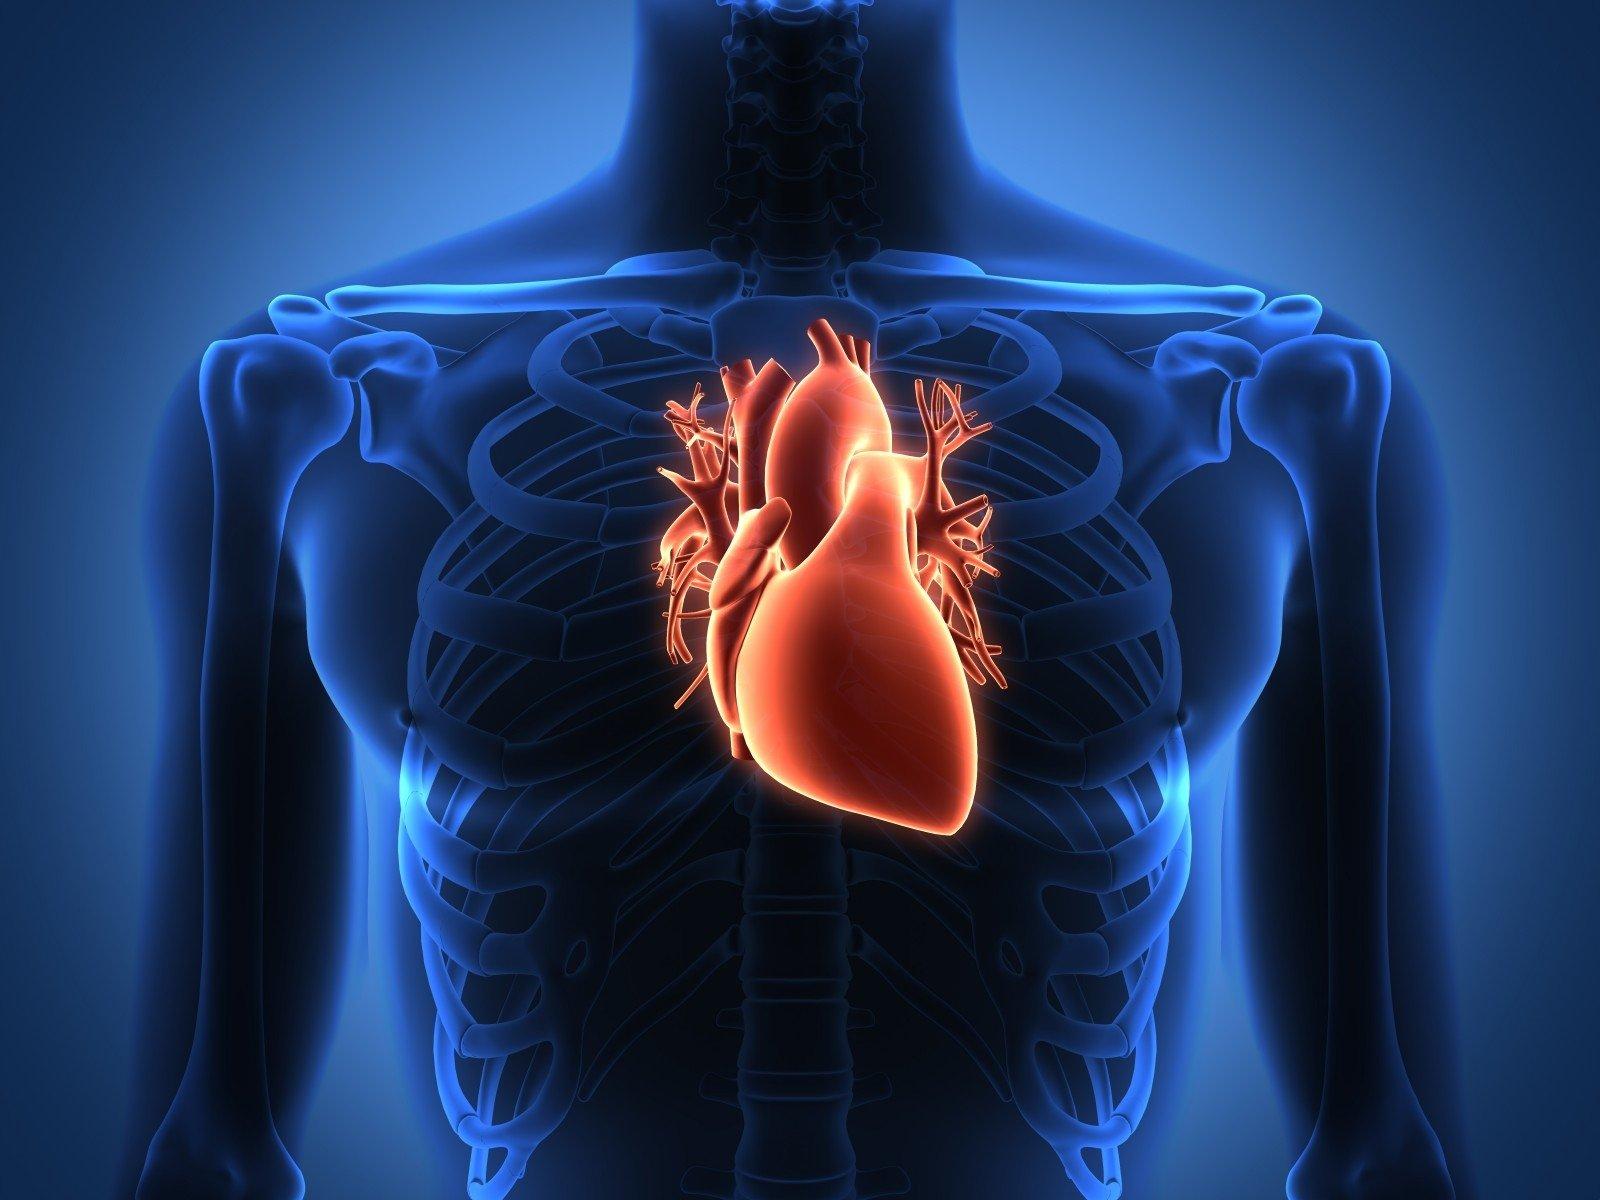 hipertenzija apie šią ligą 2 laipsnio hipertenzija, 3 rizikos laipsnis